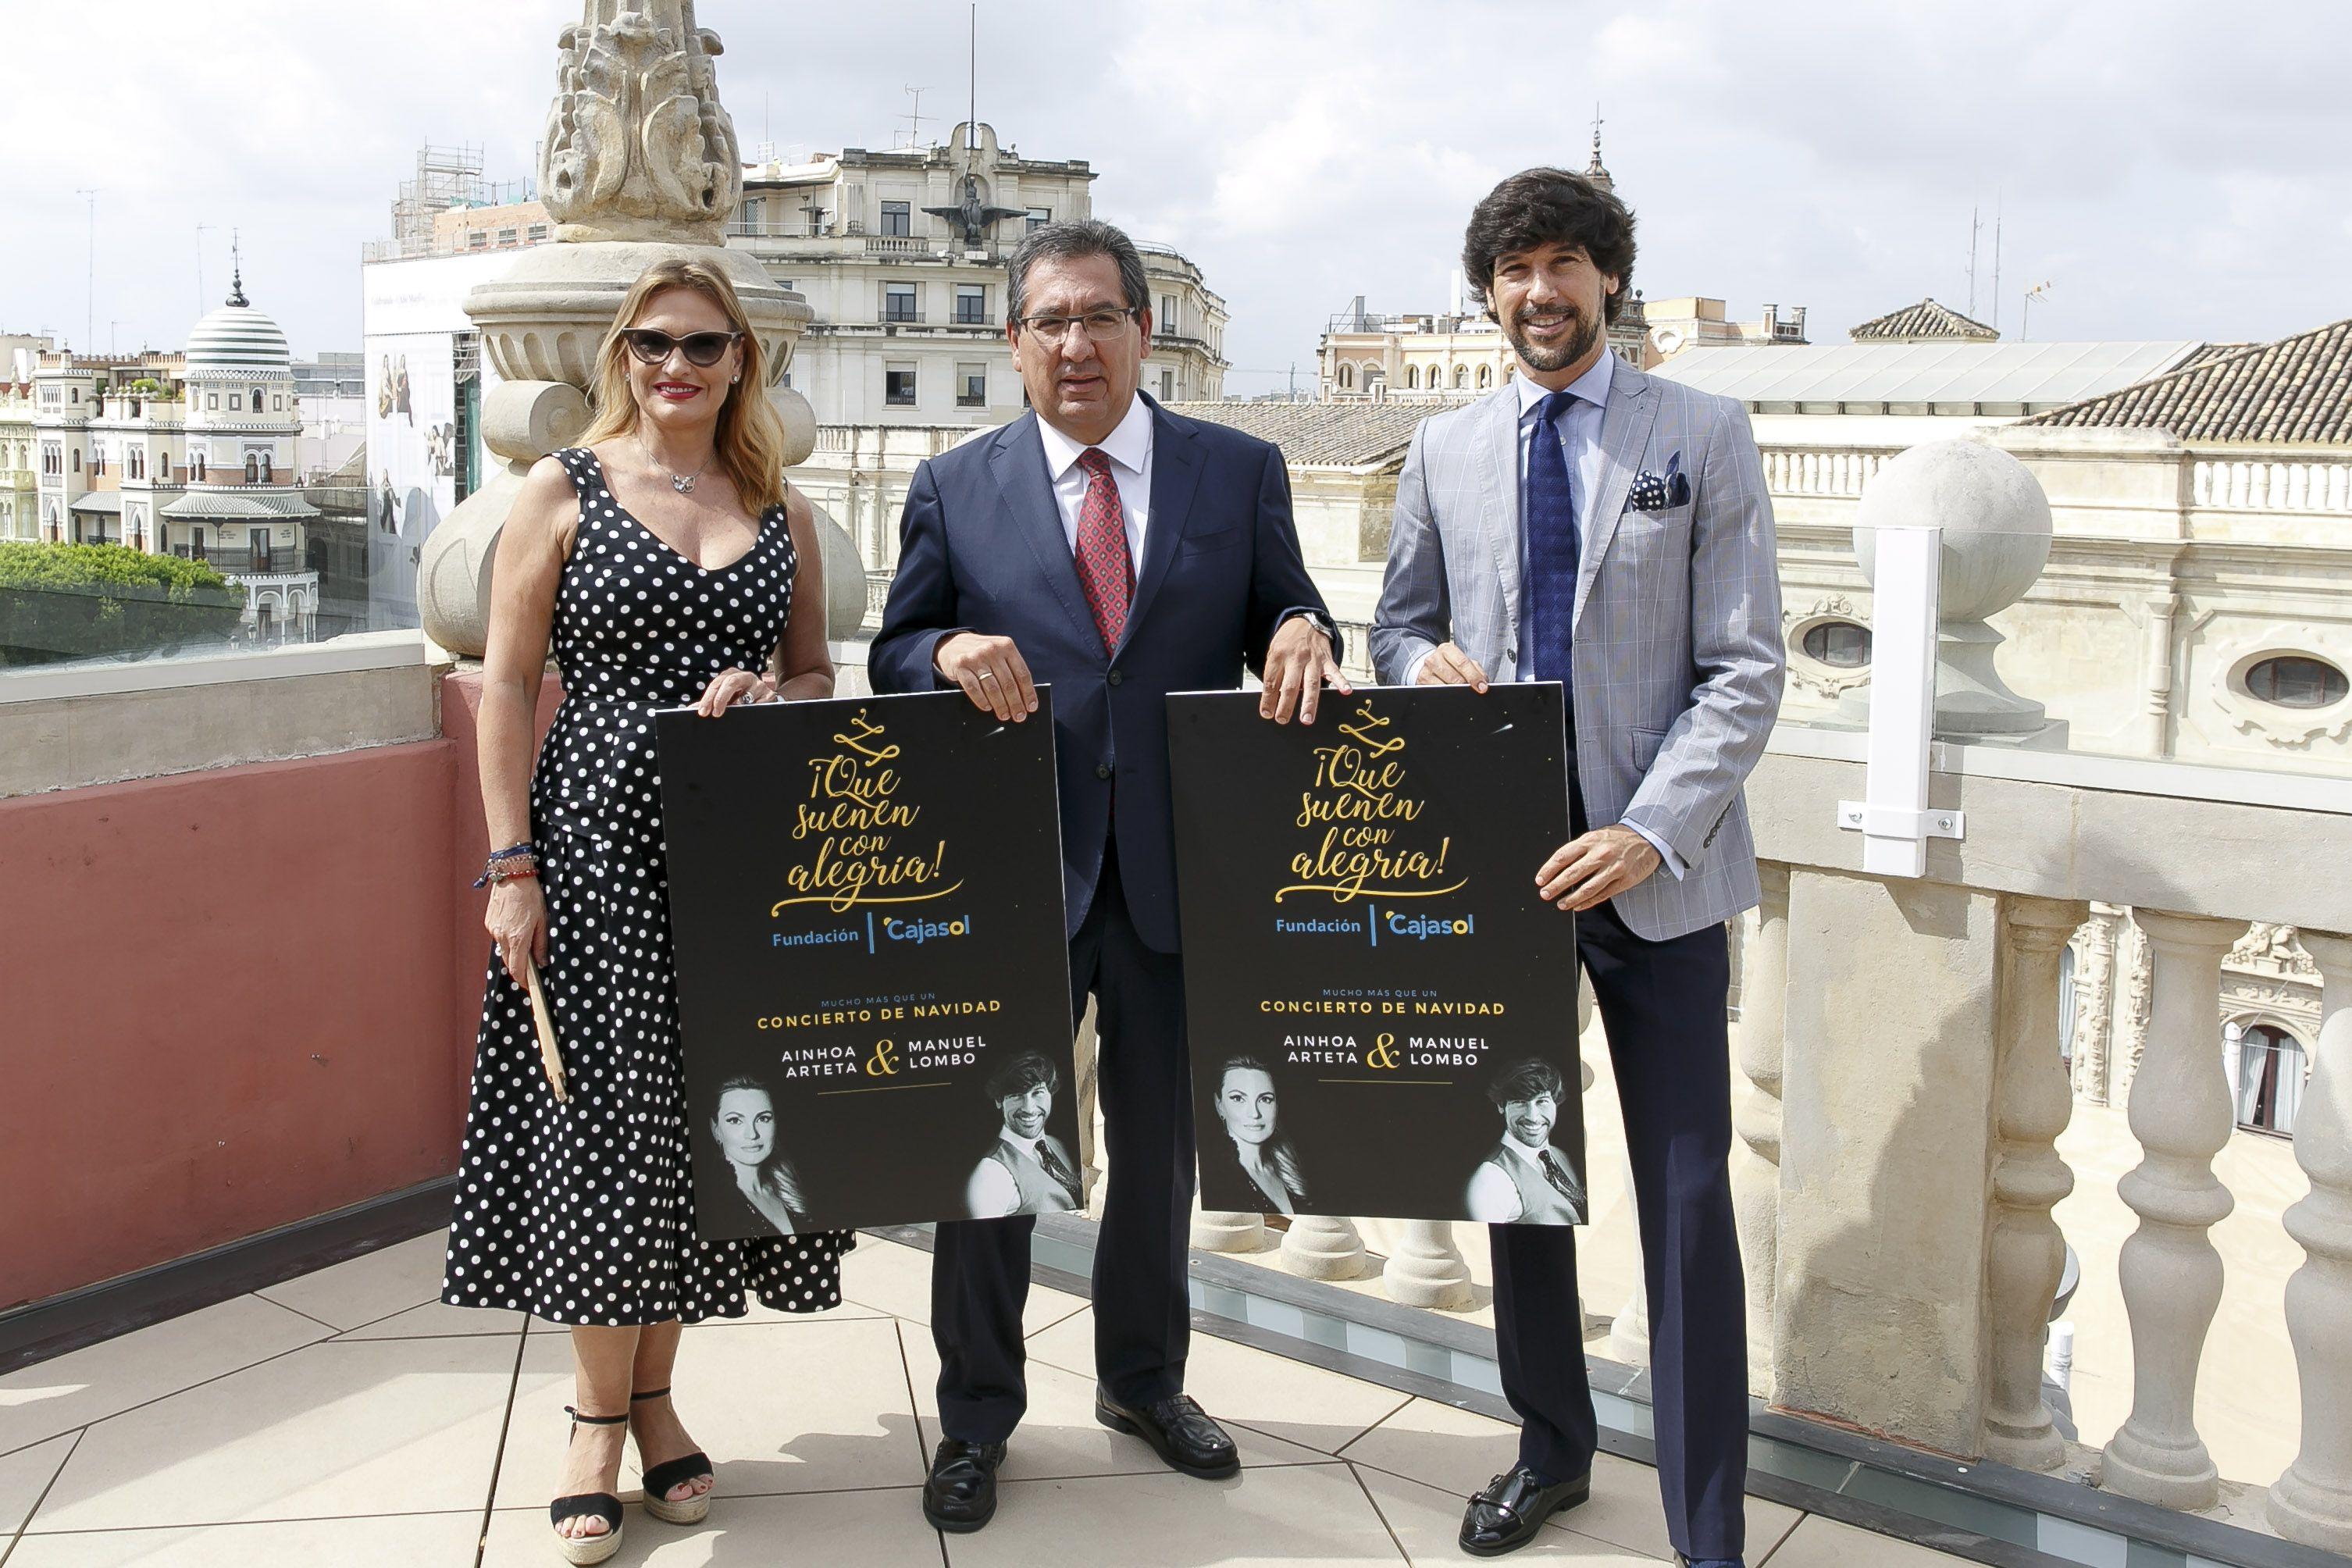 Ainhoa Arteta y Manuel Lombo protagonizarán los conciertos '¡Que suenen con alegría! Gira Diciembre 2018', que se ha presentado hoy en la Fundación Cajasol.